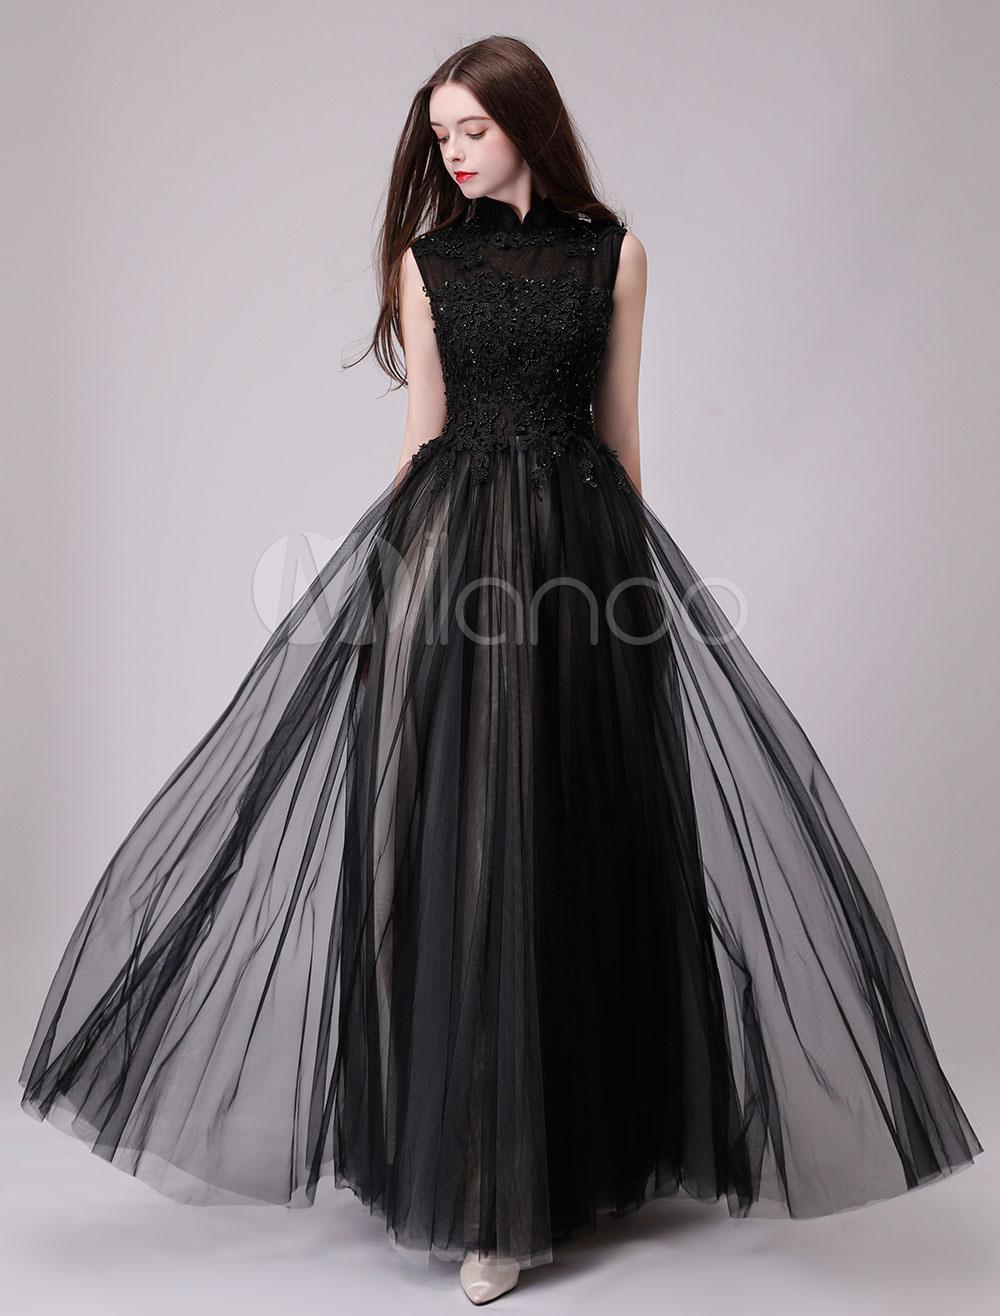 10 Luxus Langes Schwarzes Abendkleid GalerieAbend Schön Langes Schwarzes Abendkleid Spezialgebiet